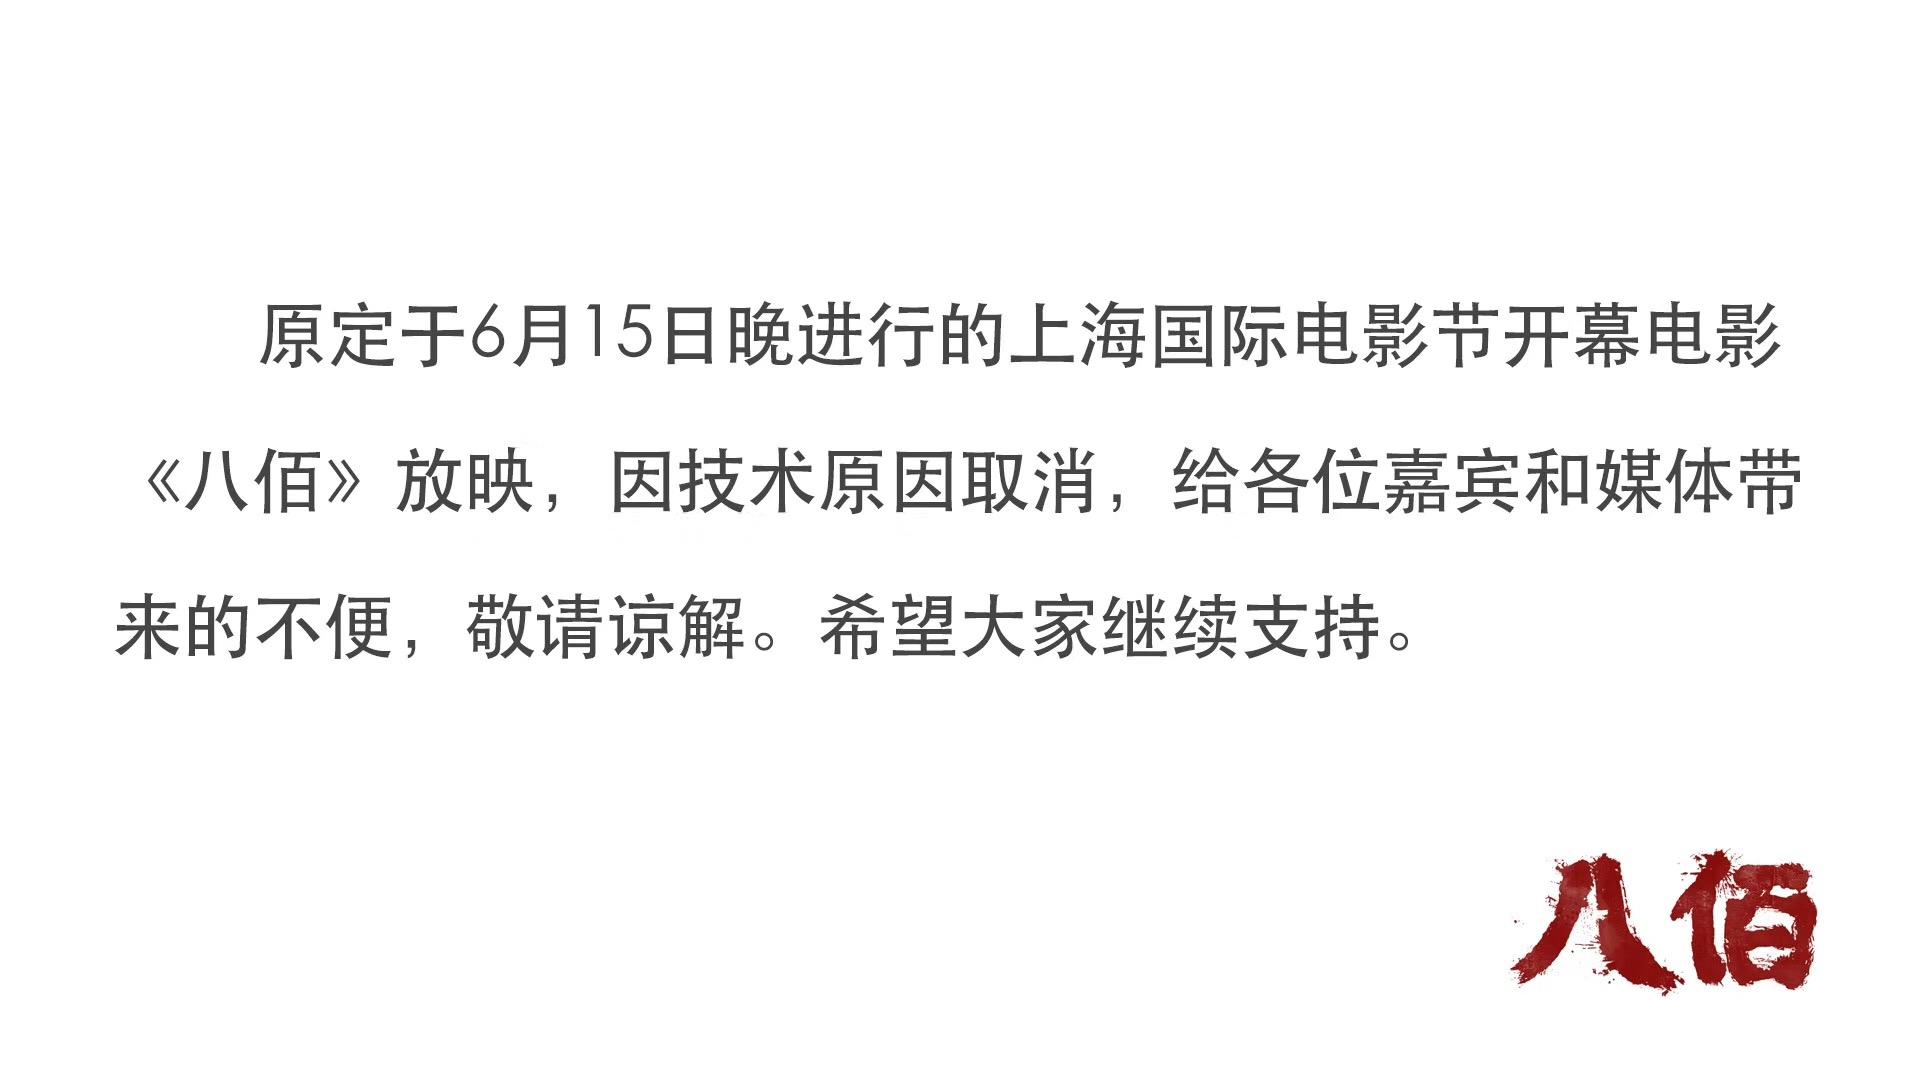 因技�g原因,上海���H�影��_幕片《八佰》取消放映